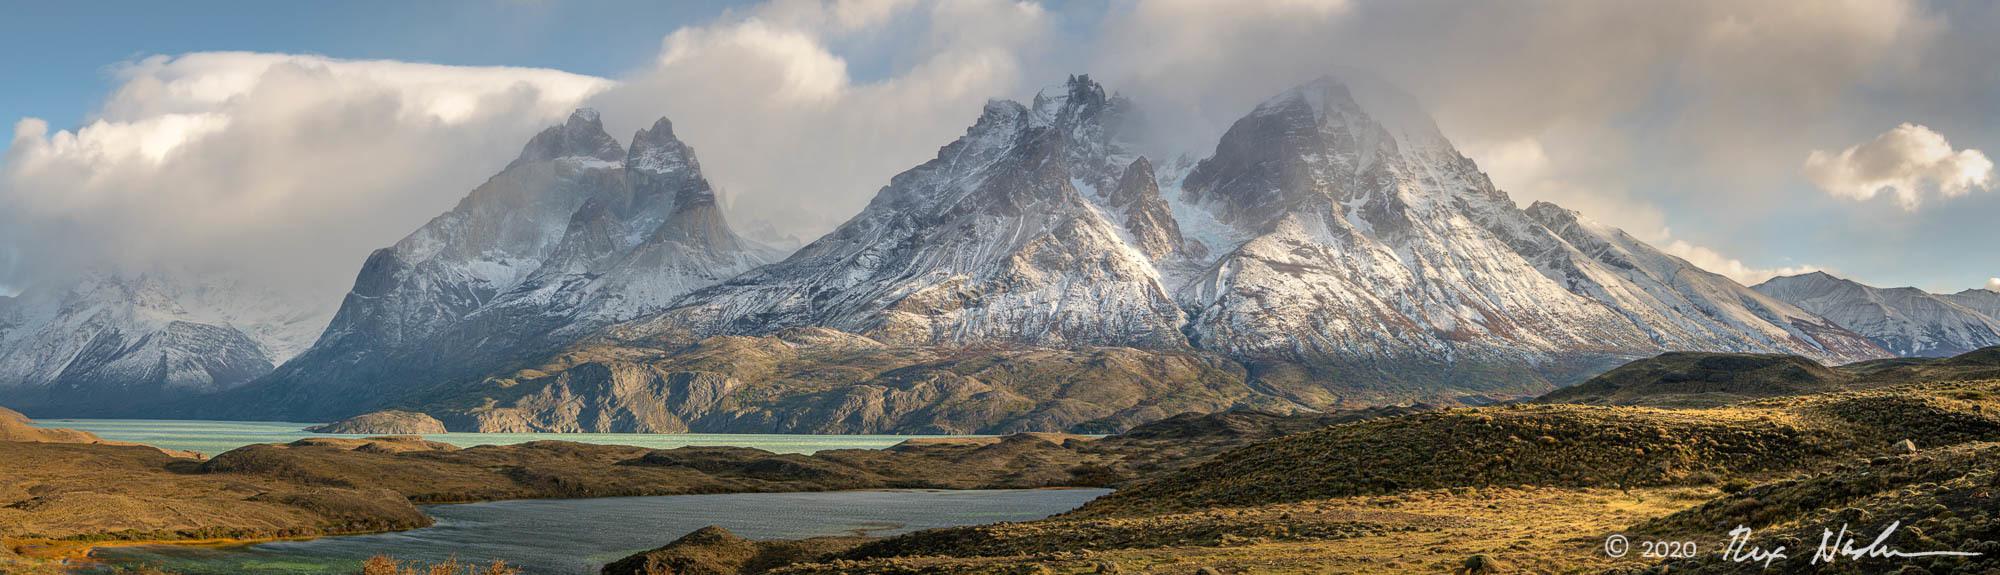 Del Paine - Torres del Paine NP, Chile